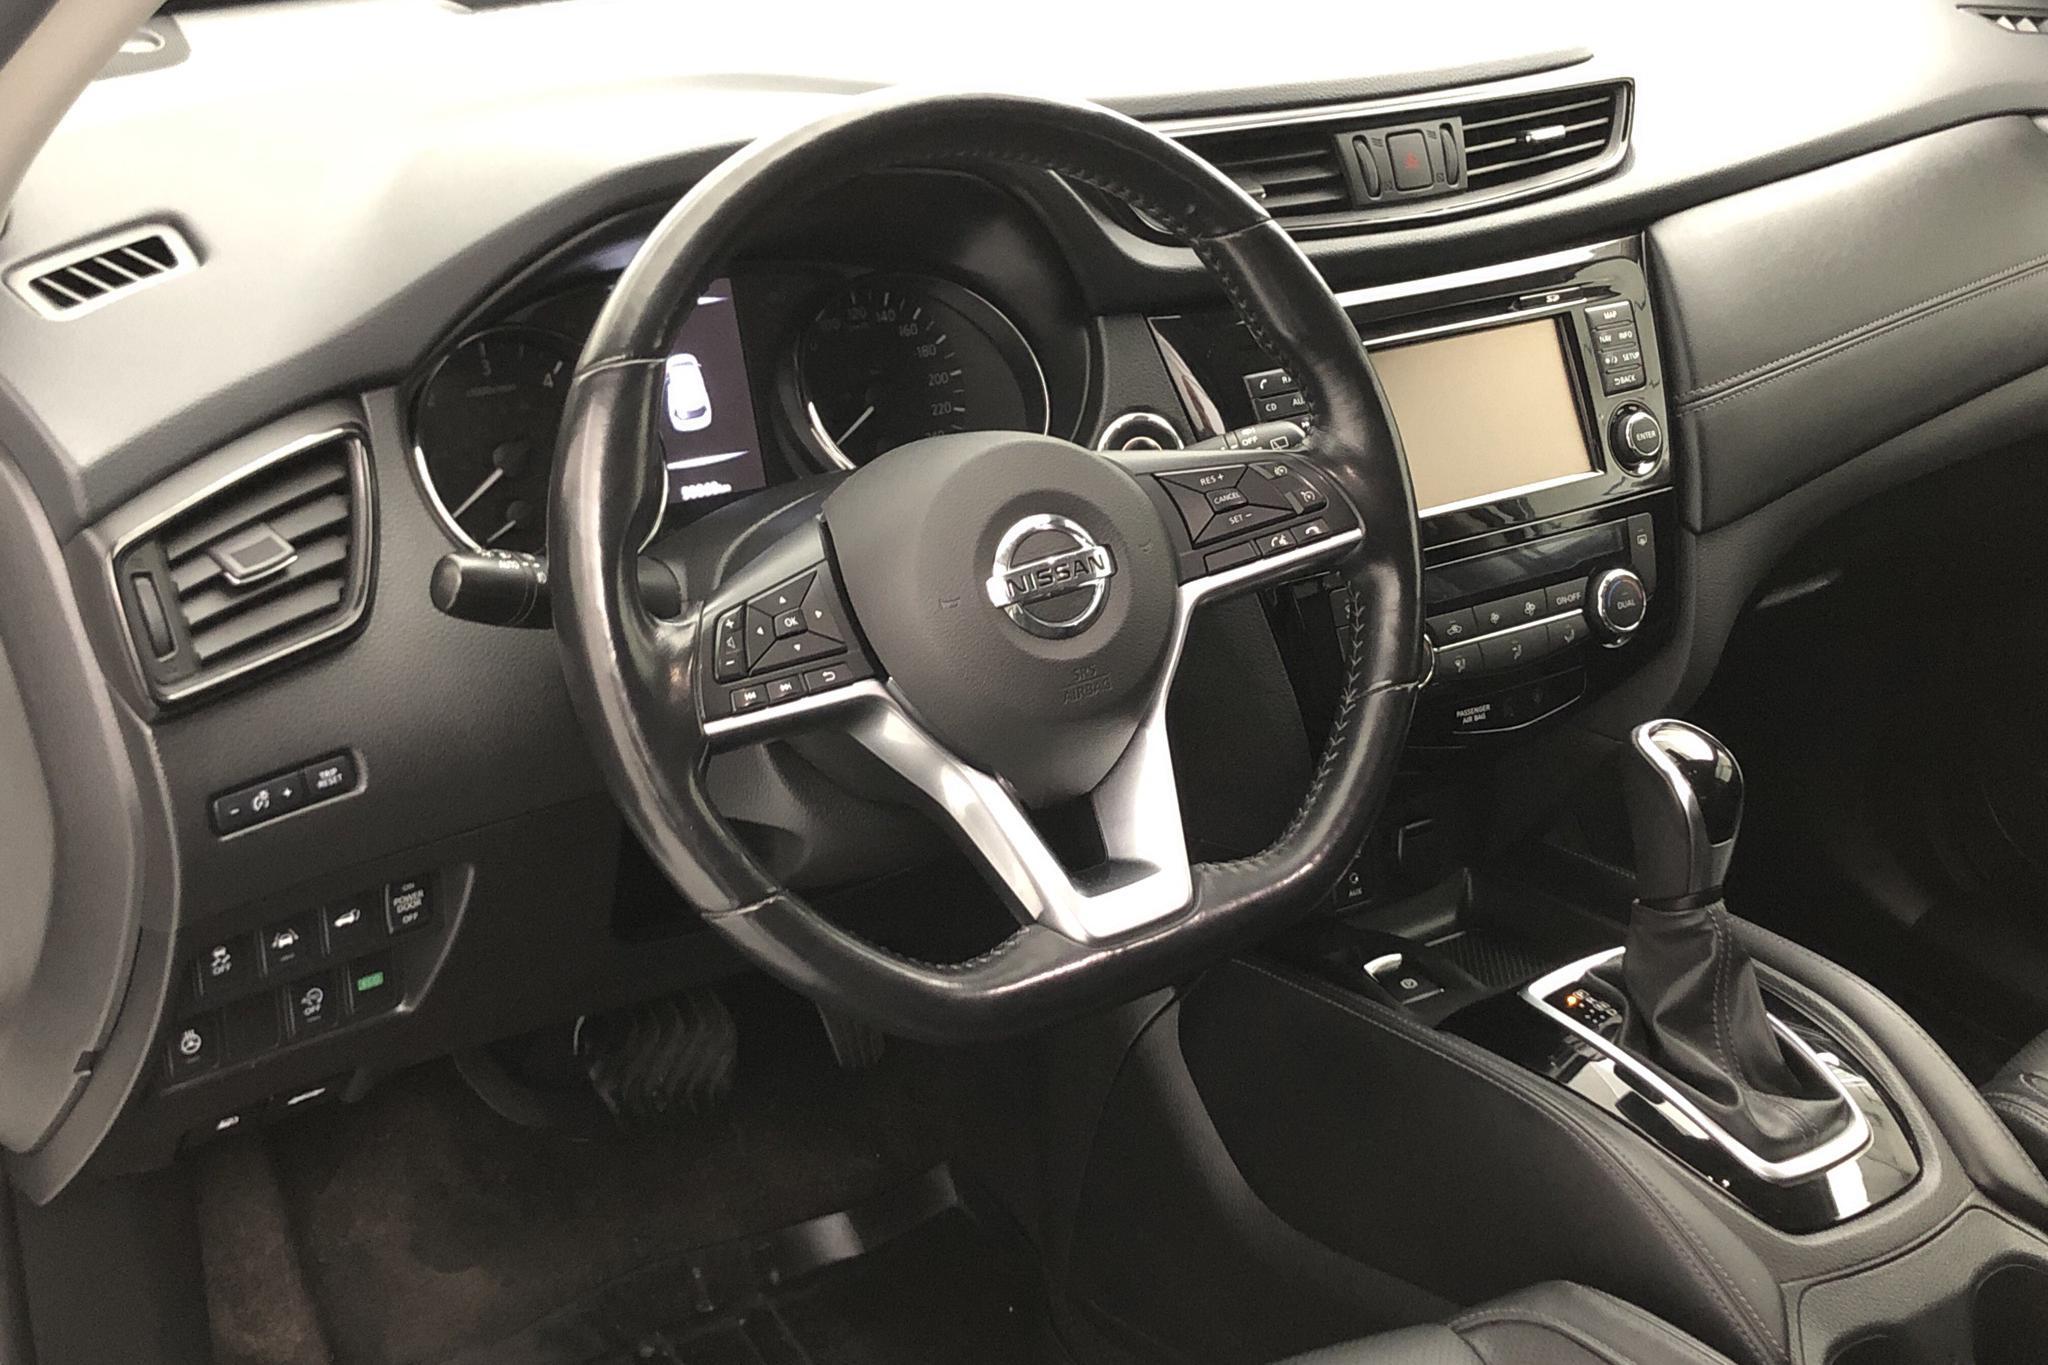 Nissan X-trail 1.6 dCi 2WD (130hk) - 5 035 mil - Automat - vit - 2017